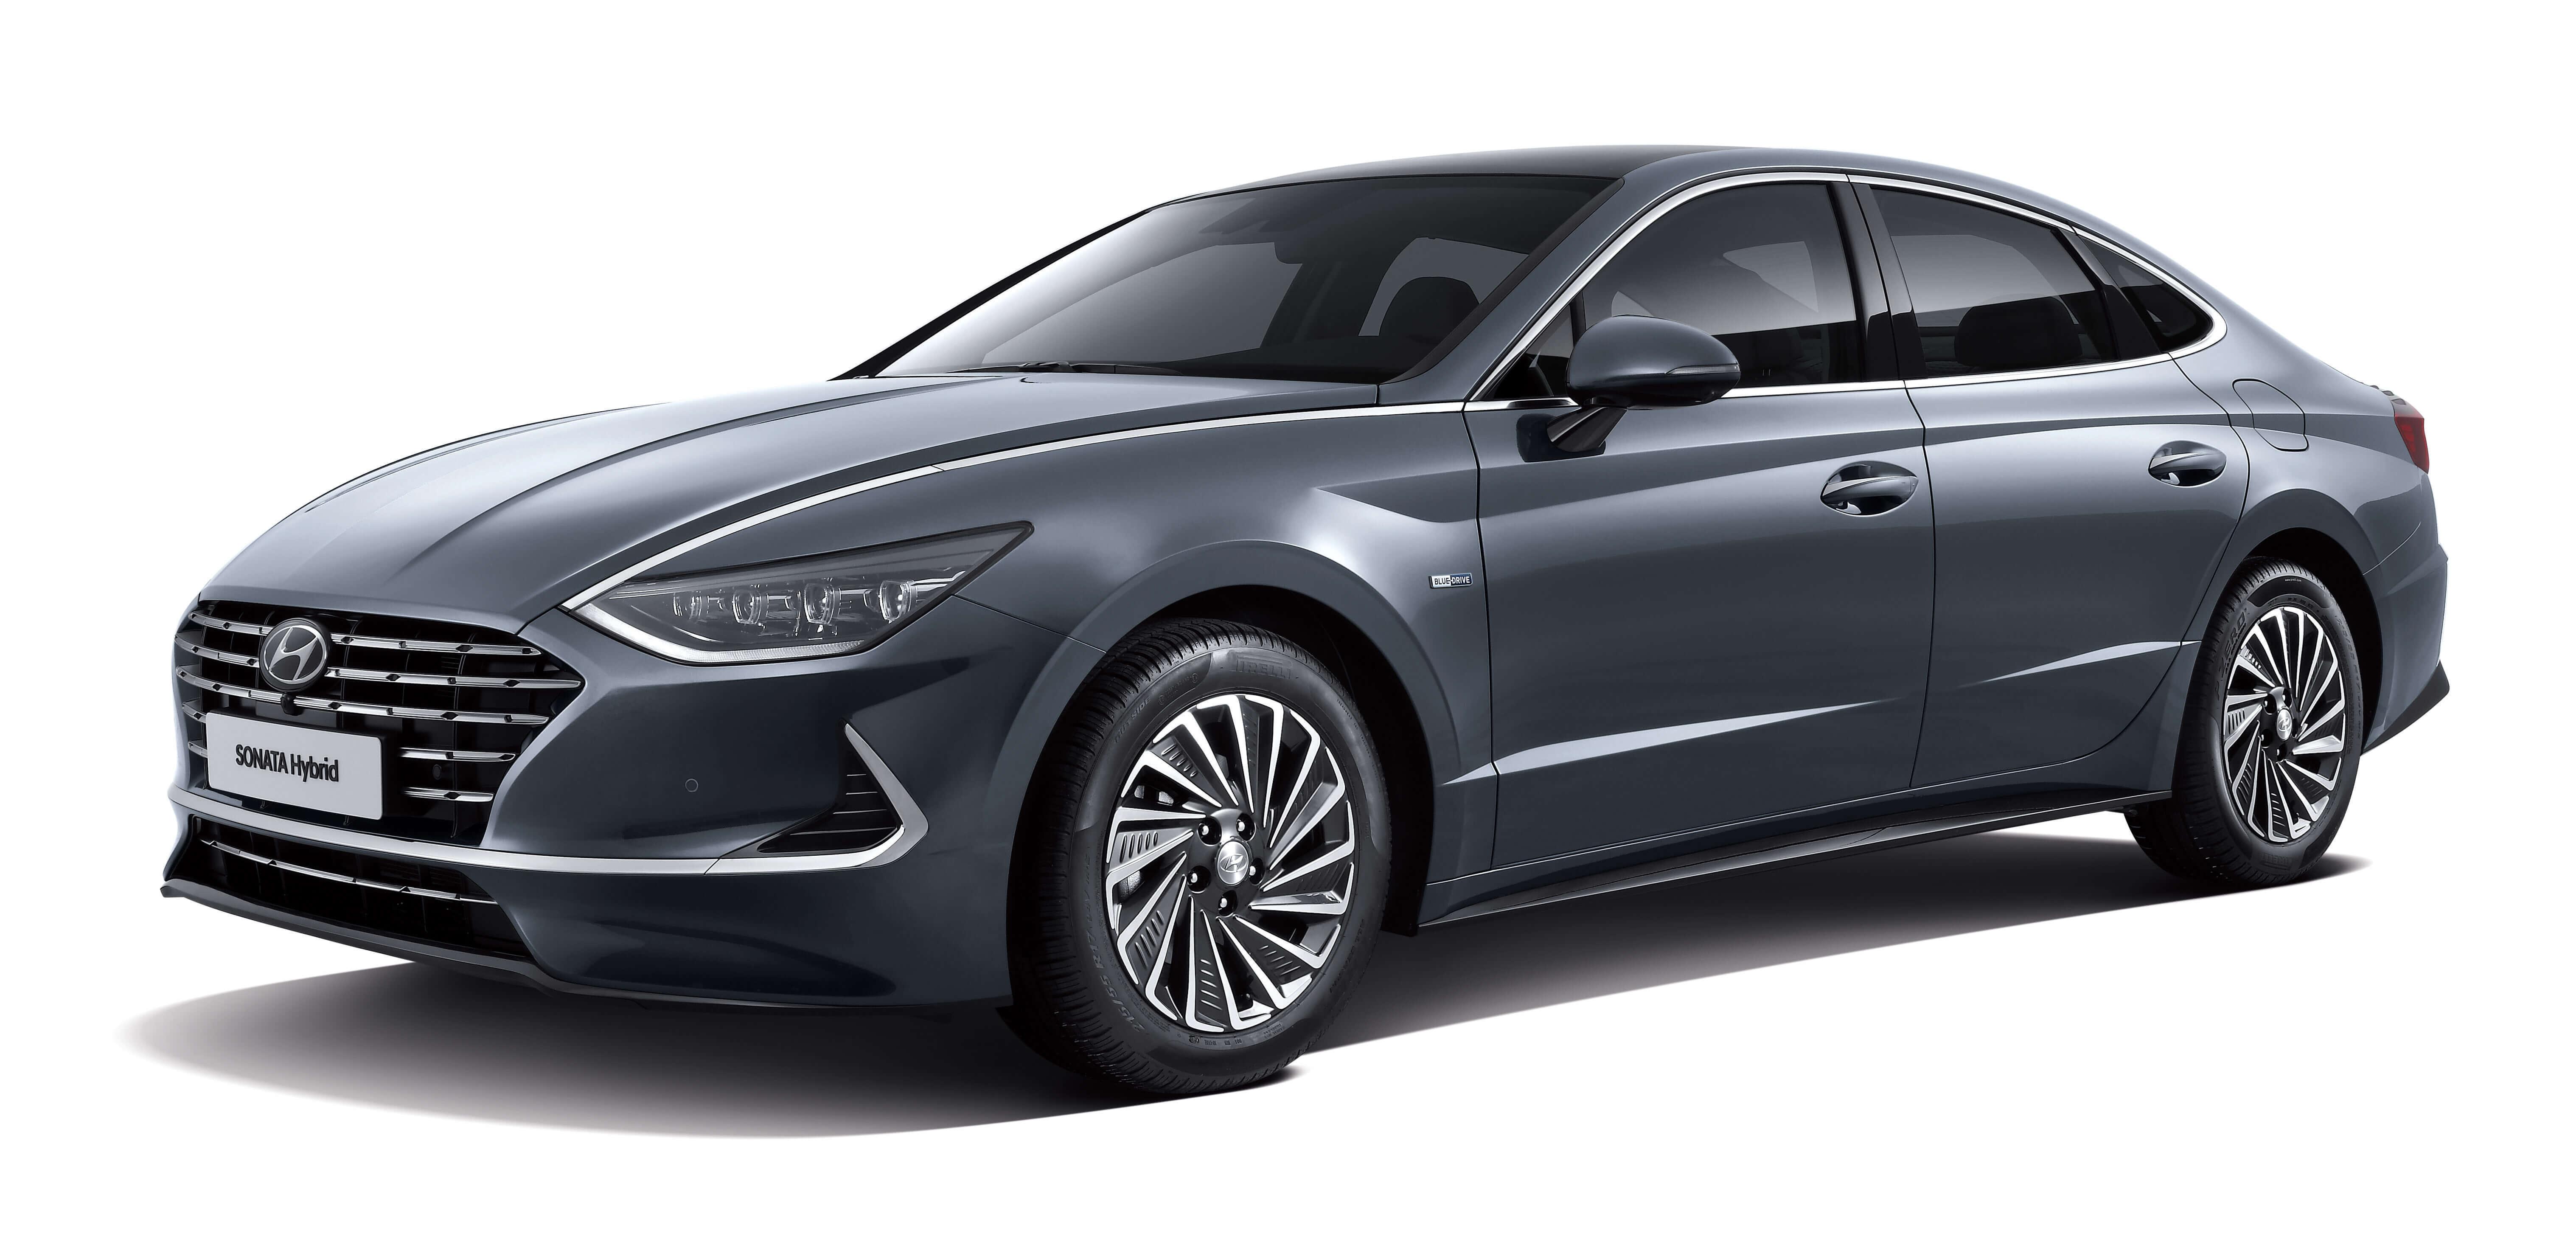 O Sonata Hybrid pode ter autonomia extra de mais de 1.300 km com a tecnologia, segundo a Hyundai